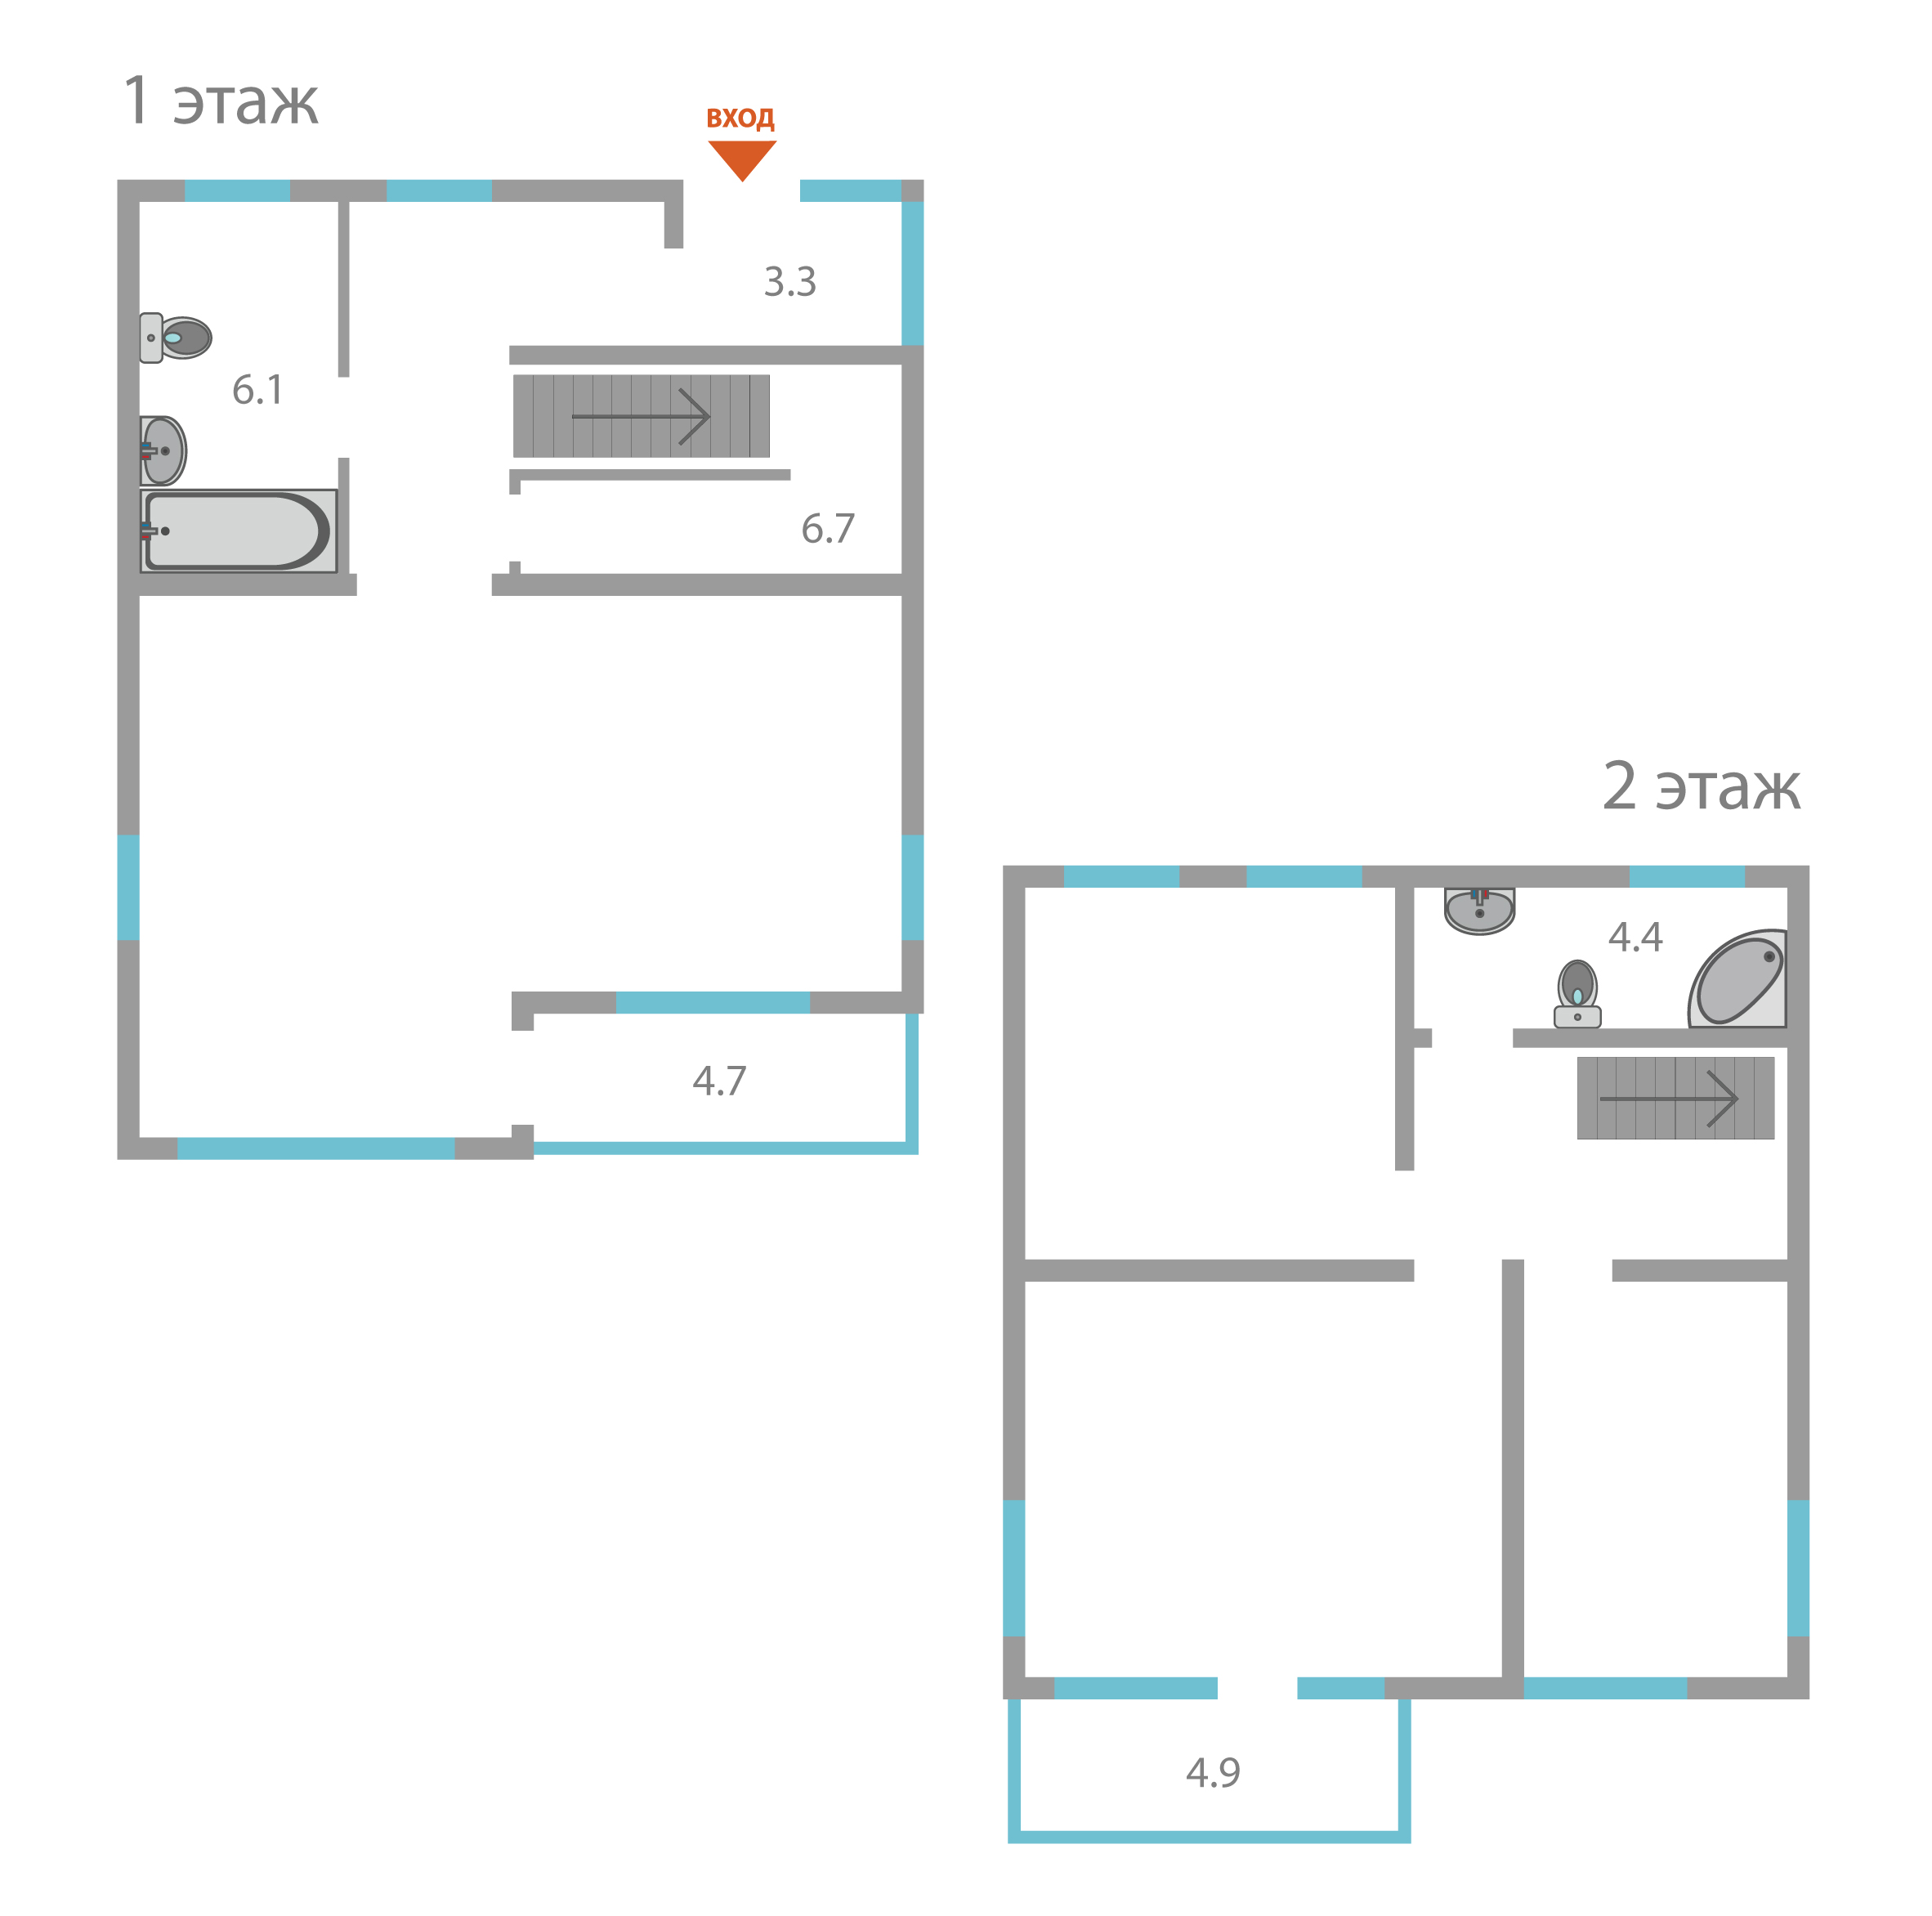 Участок с домом: площадь участка - 2 соток,   площадь дома - 2м^2,   цена - 11000000 тыс.руб.